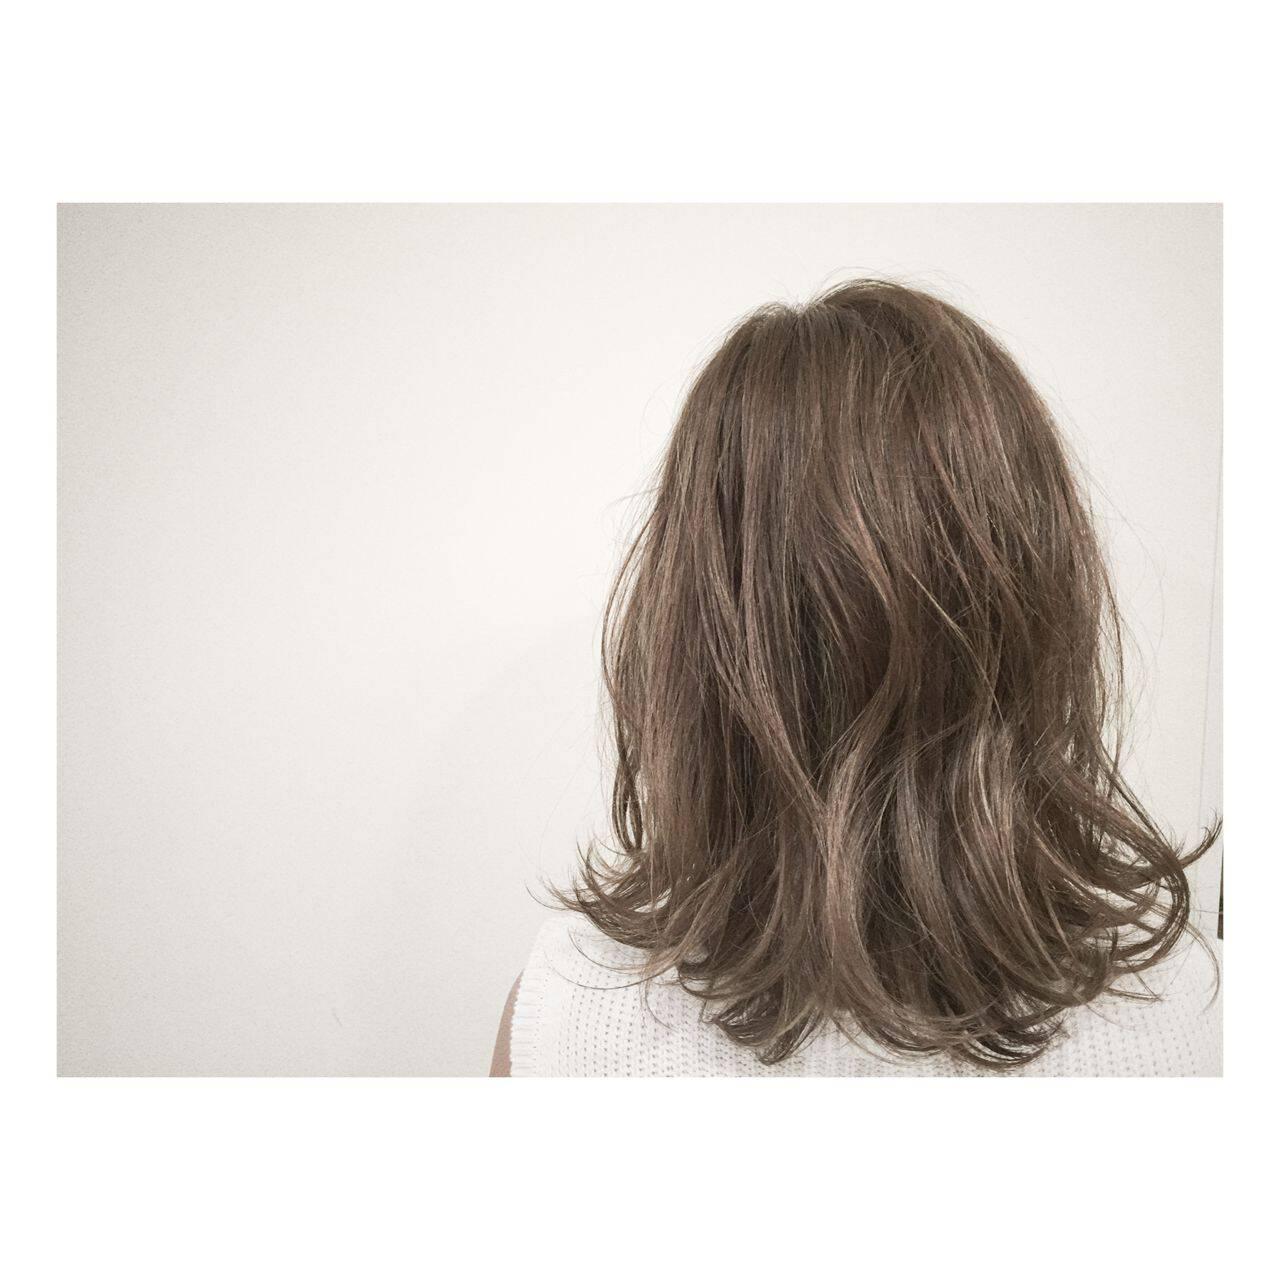 ストリート マルサラ ウェットヘア 外国人風ヘアスタイルや髪型の写真・画像